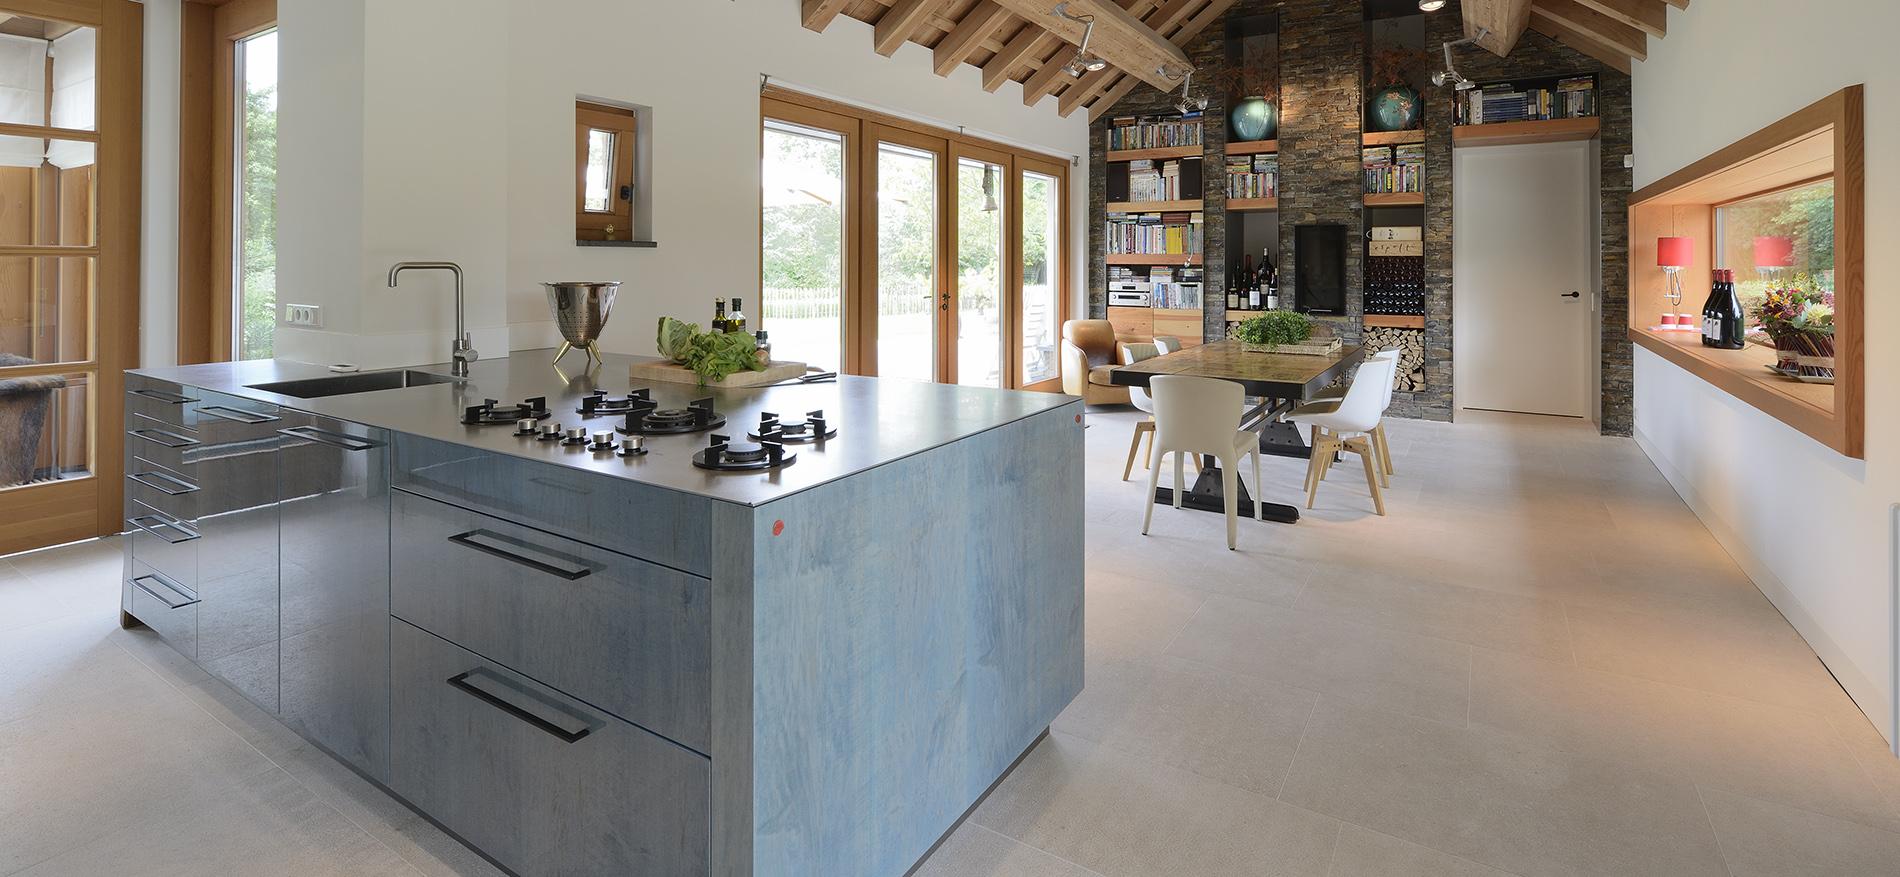 innen und au enausstattung villa von wsb ladenbau. Black Bedroom Furniture Sets. Home Design Ideas